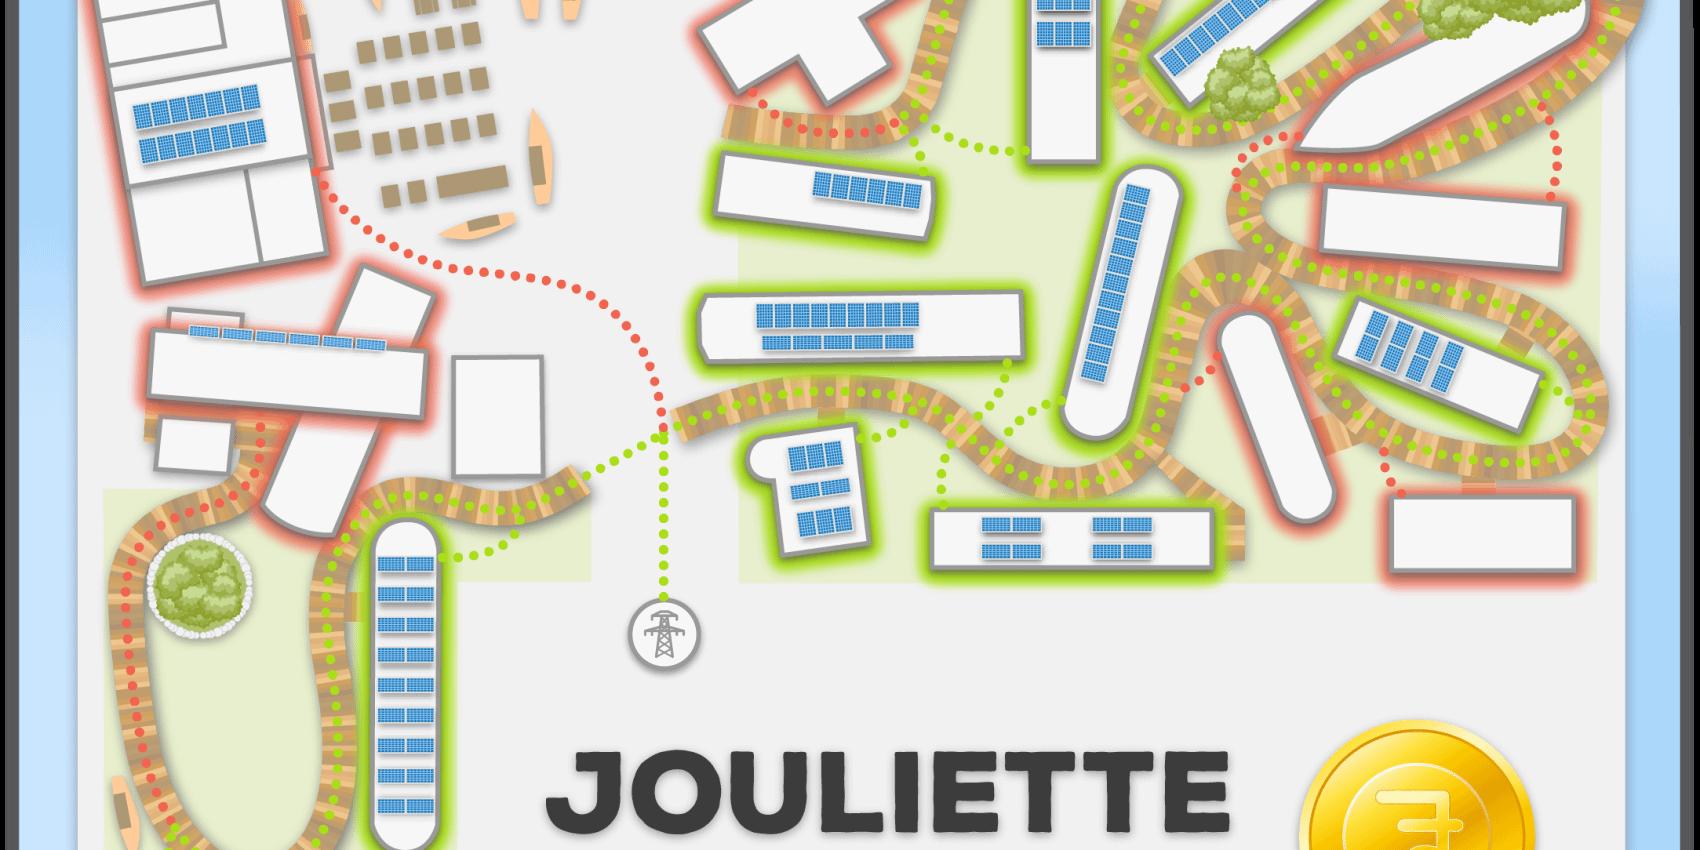 JoulietteMap